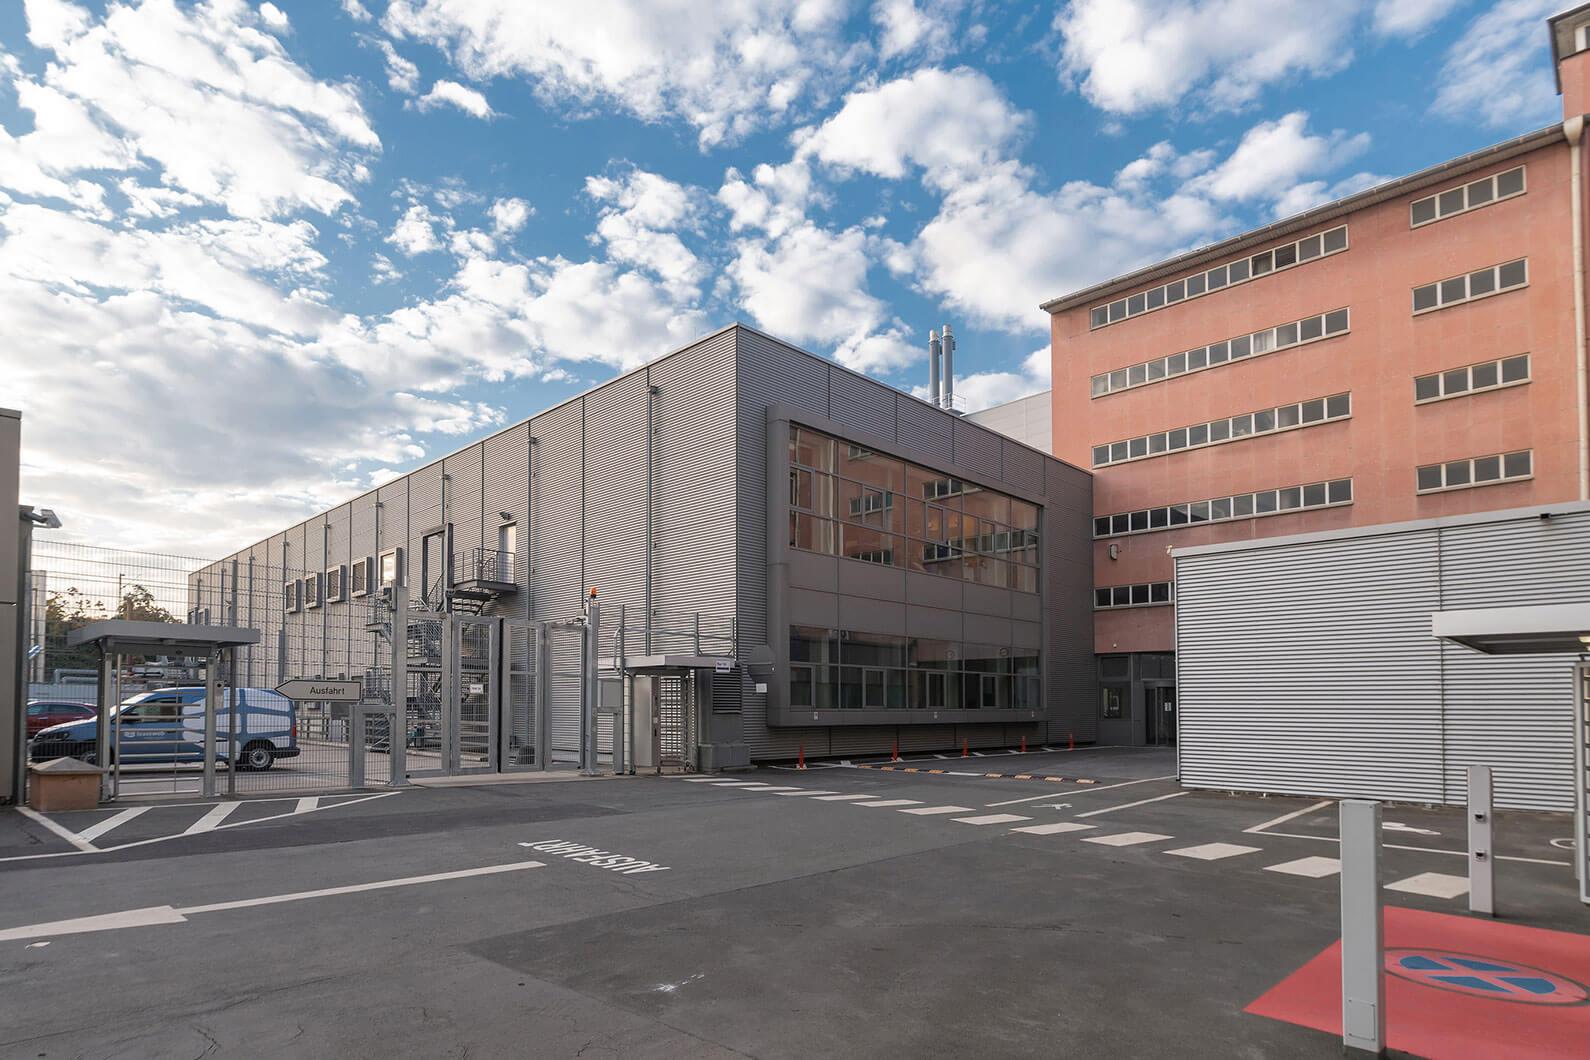 Дата-центр во Франкфурте: ЦОД Telehouse - 3